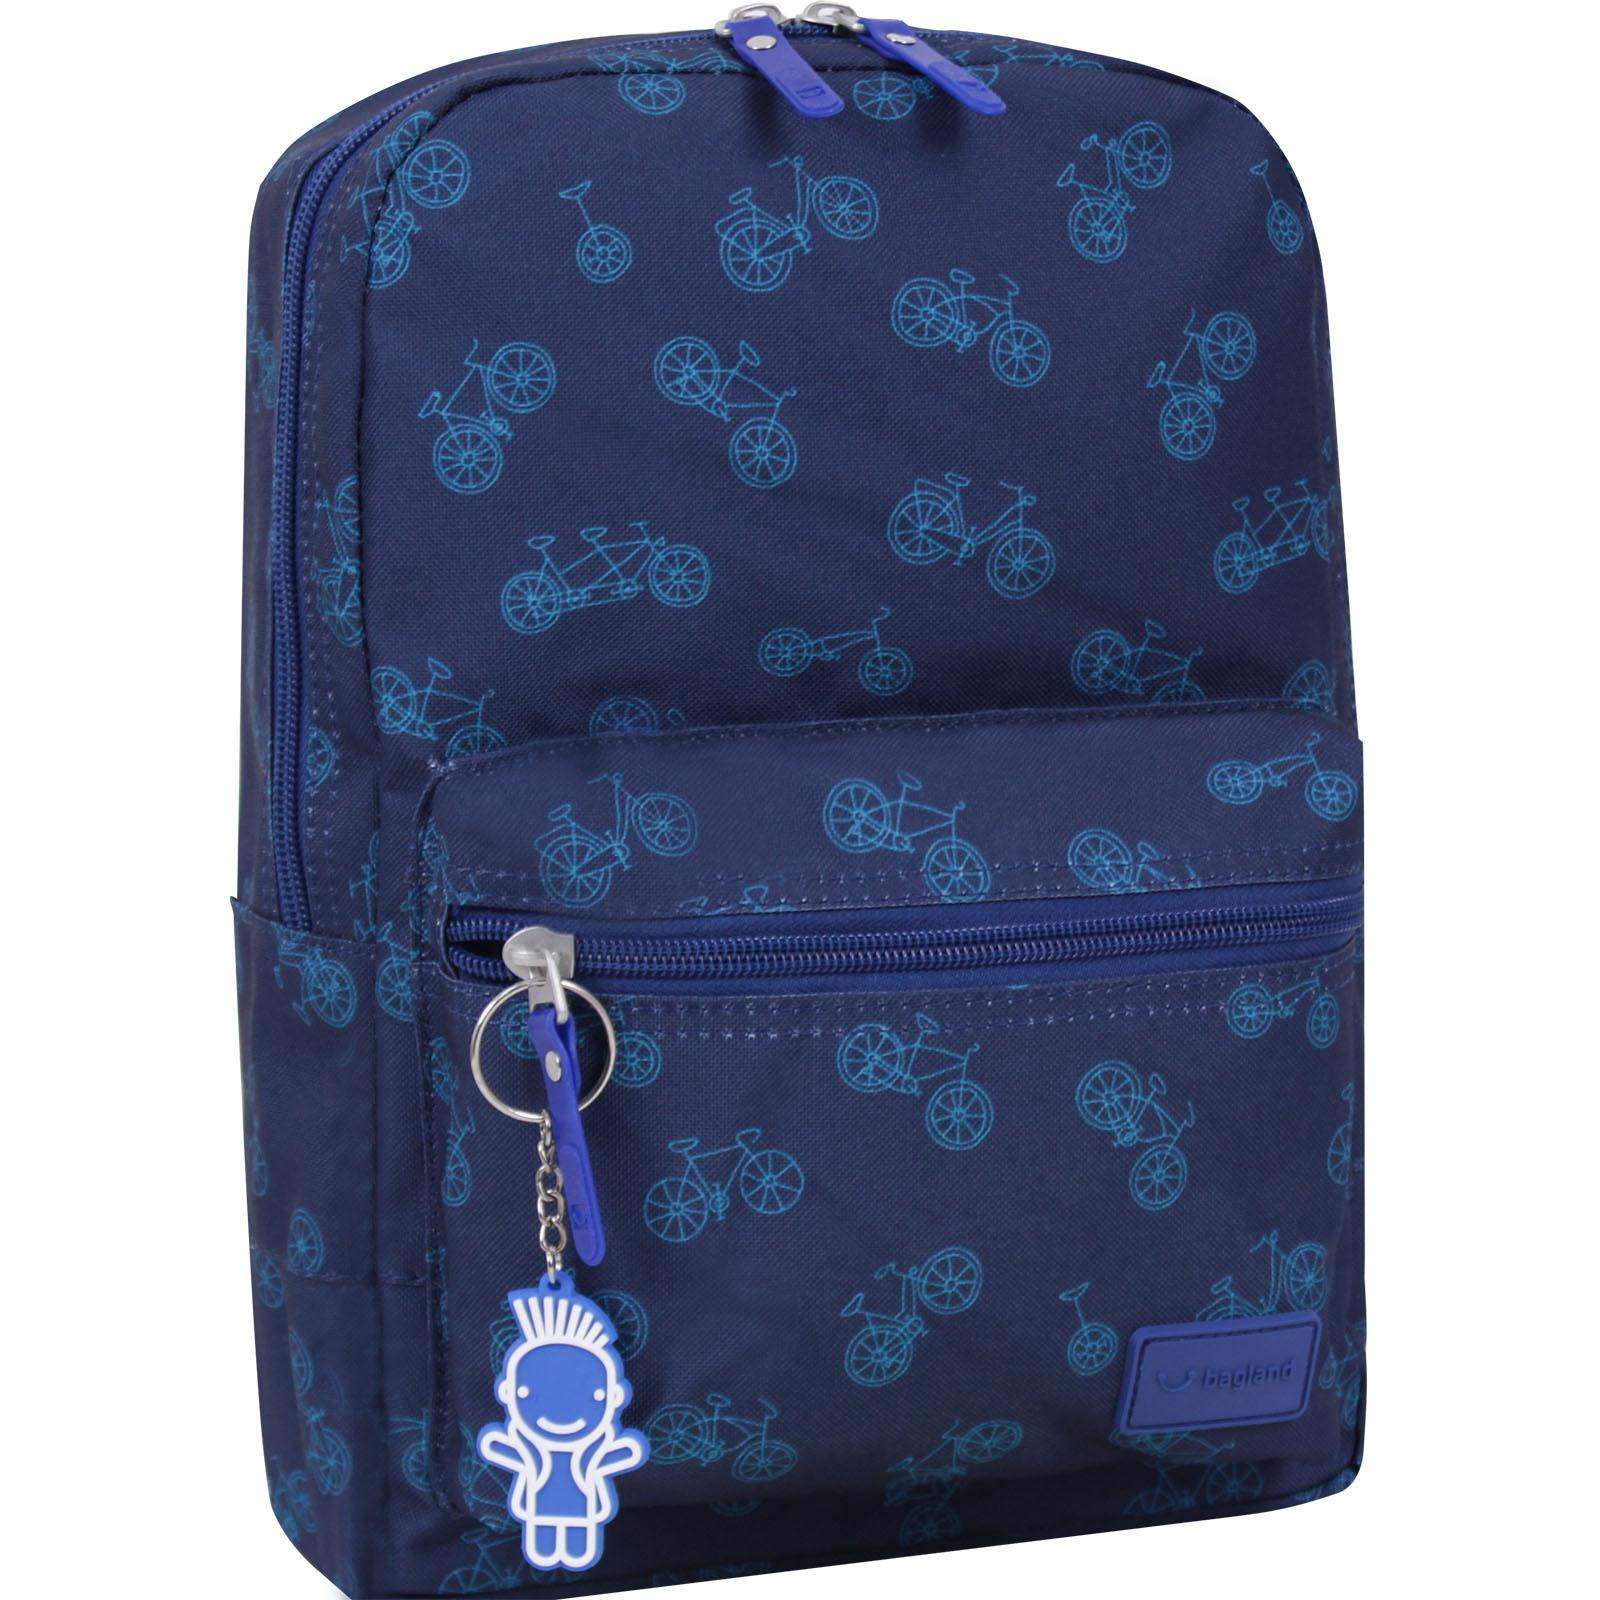 Молодежные рюкзаки Рюкзак Bagland Молодежный mini 8 л. сублімація 340 (00508664) IMG_8234суб340-1600.jpg